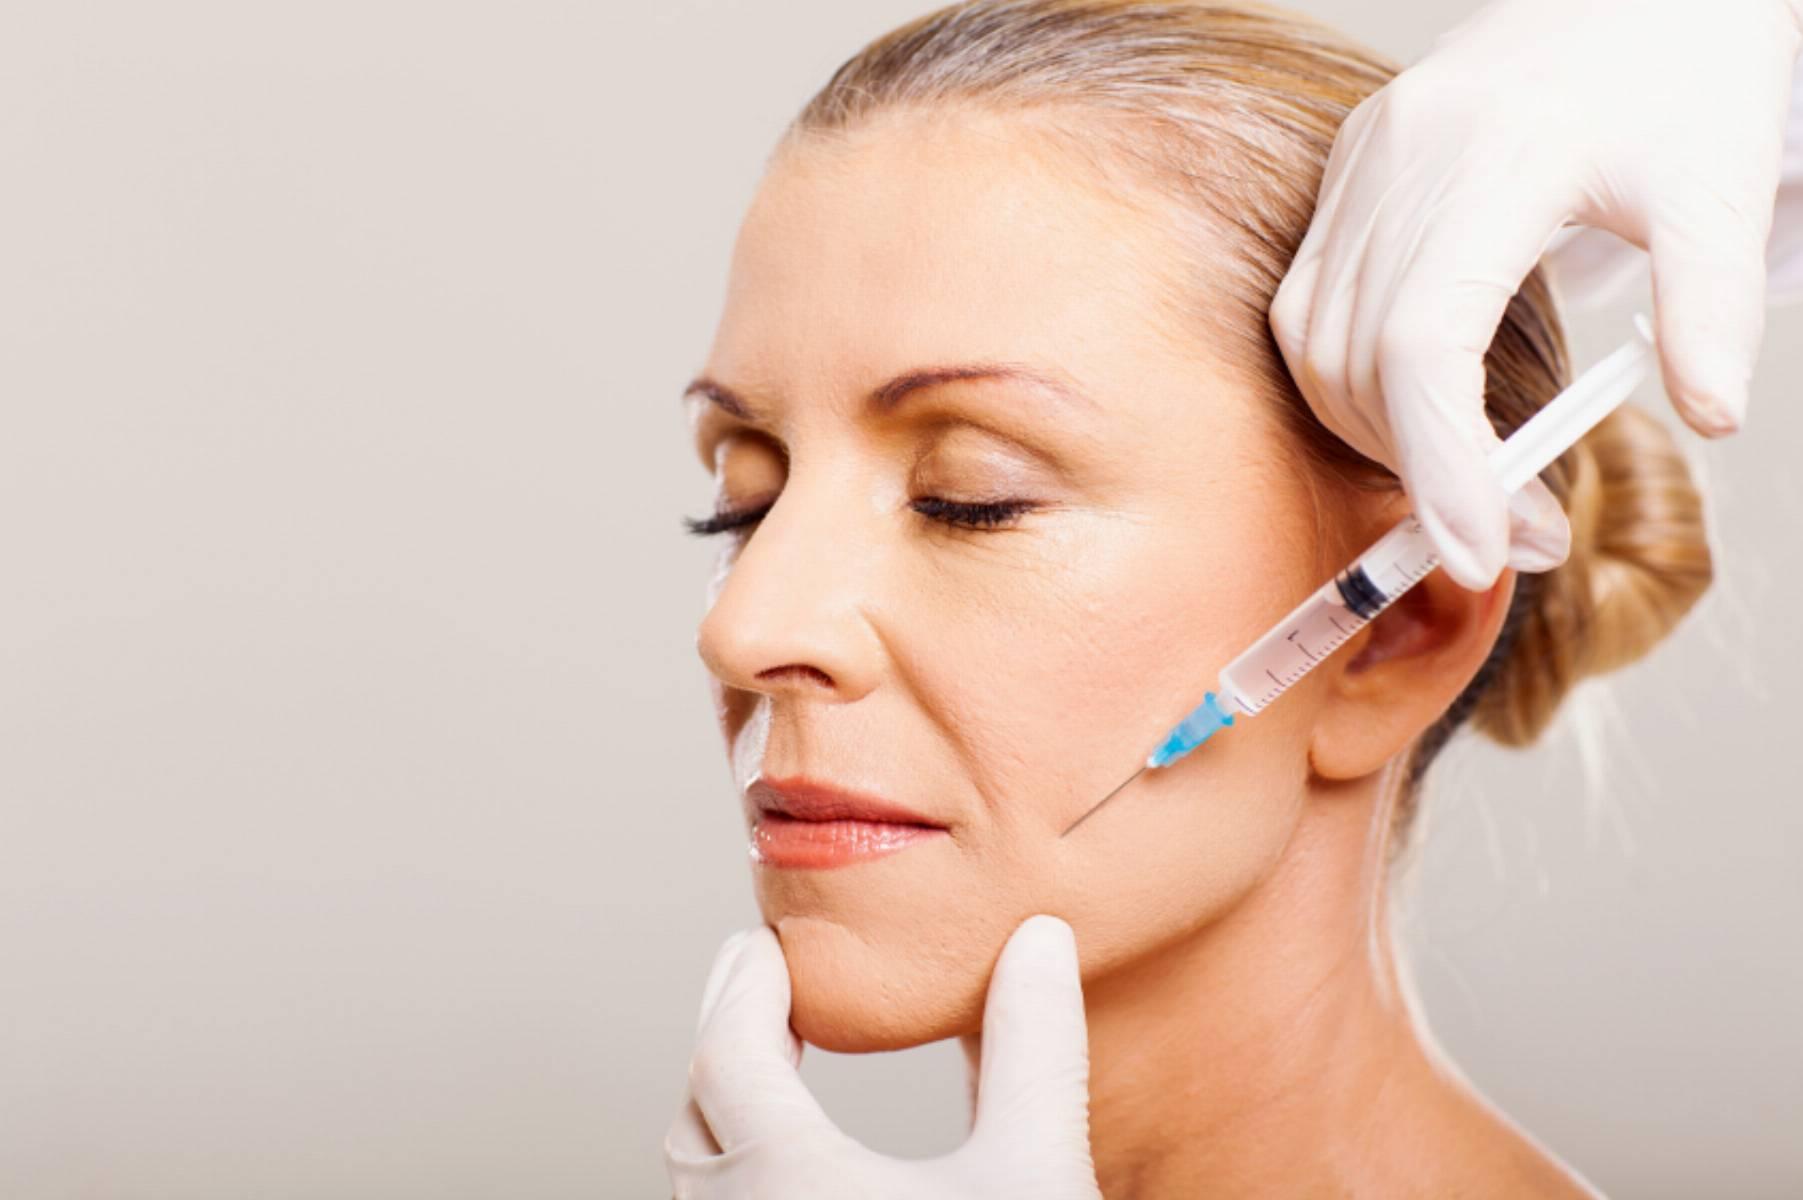 medycyna estetyczna wypełniacze kwas hialuronowy